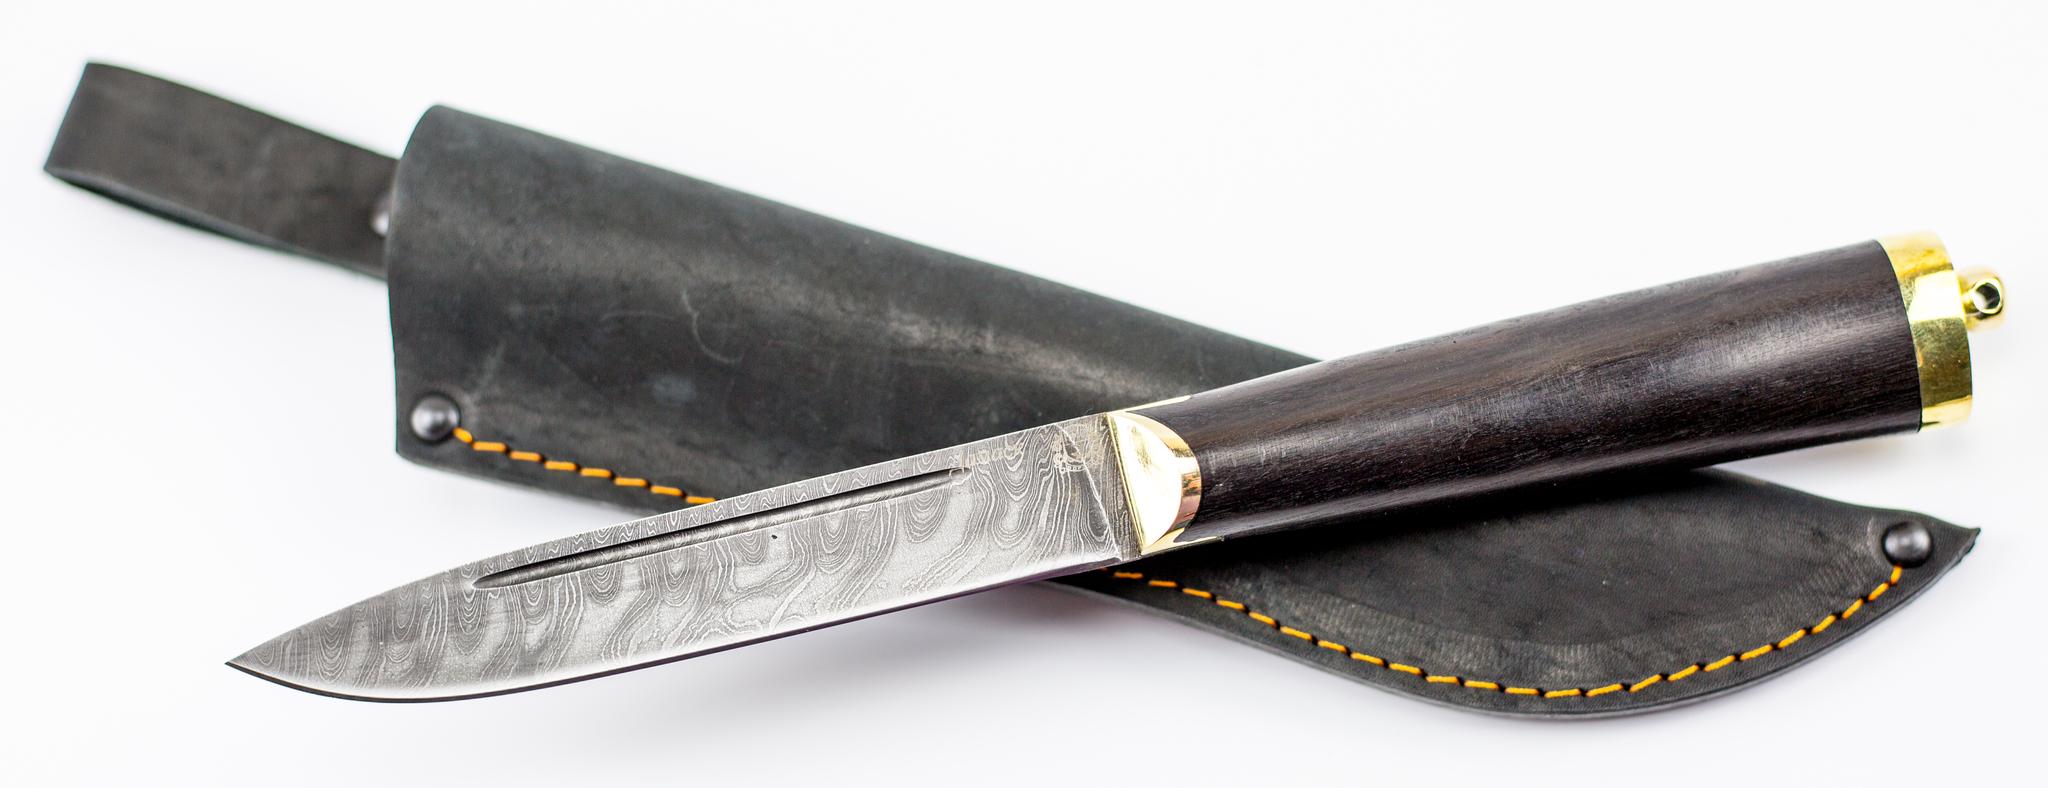 Фото 8 - Нож Абхазский средний, дамаск от Мастерская Сковородихина